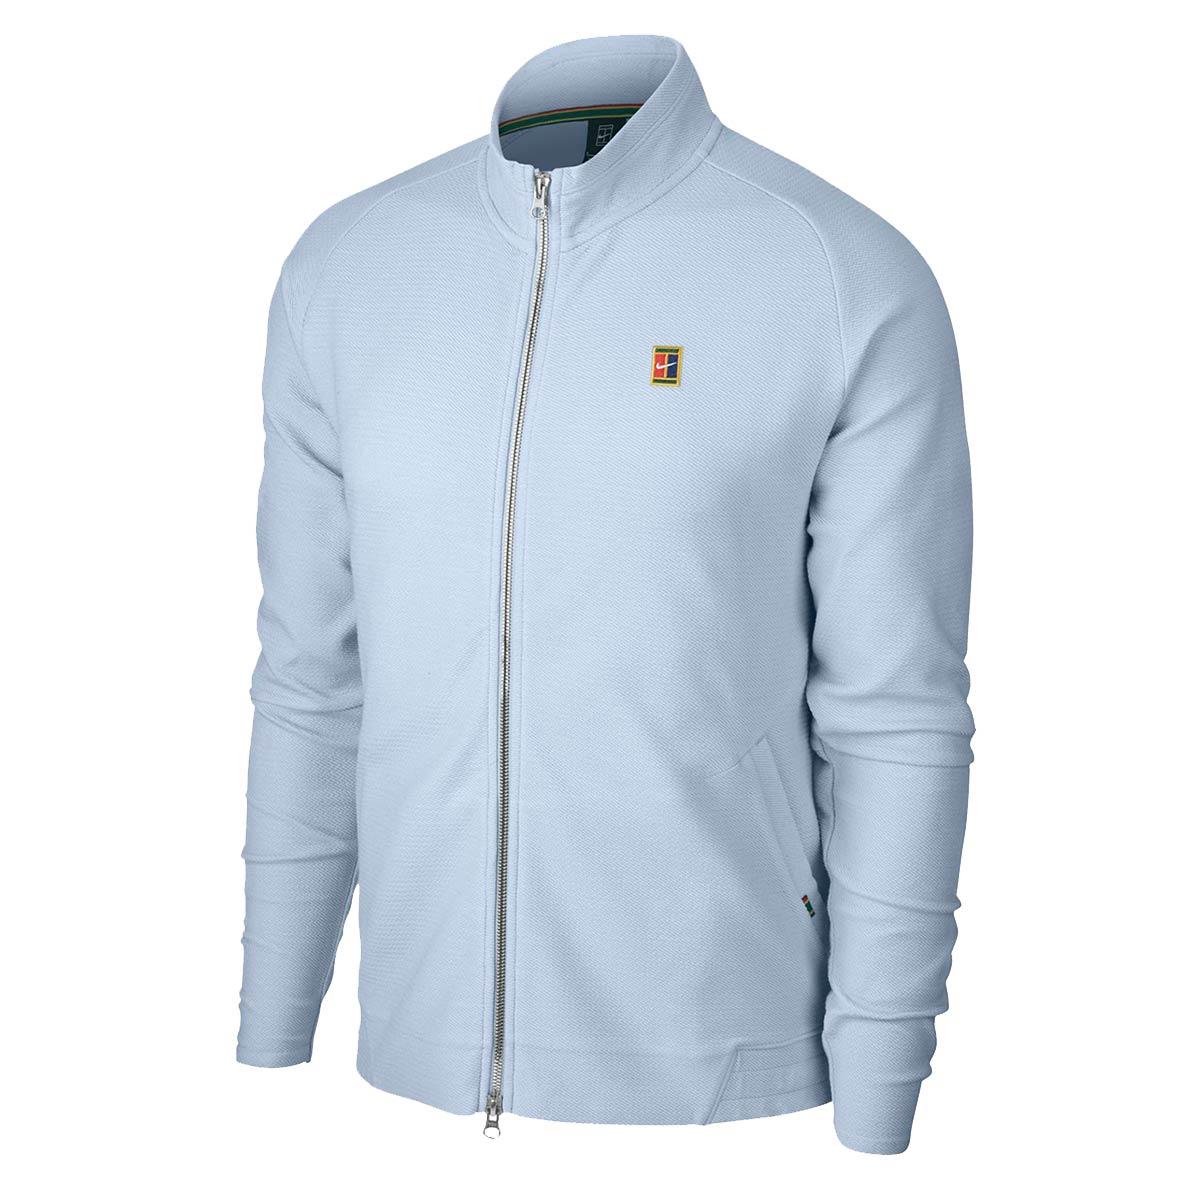 35b1c6d8 Одежда для тенниса, Теннисная одежда, Одежда для большого тенниса ...